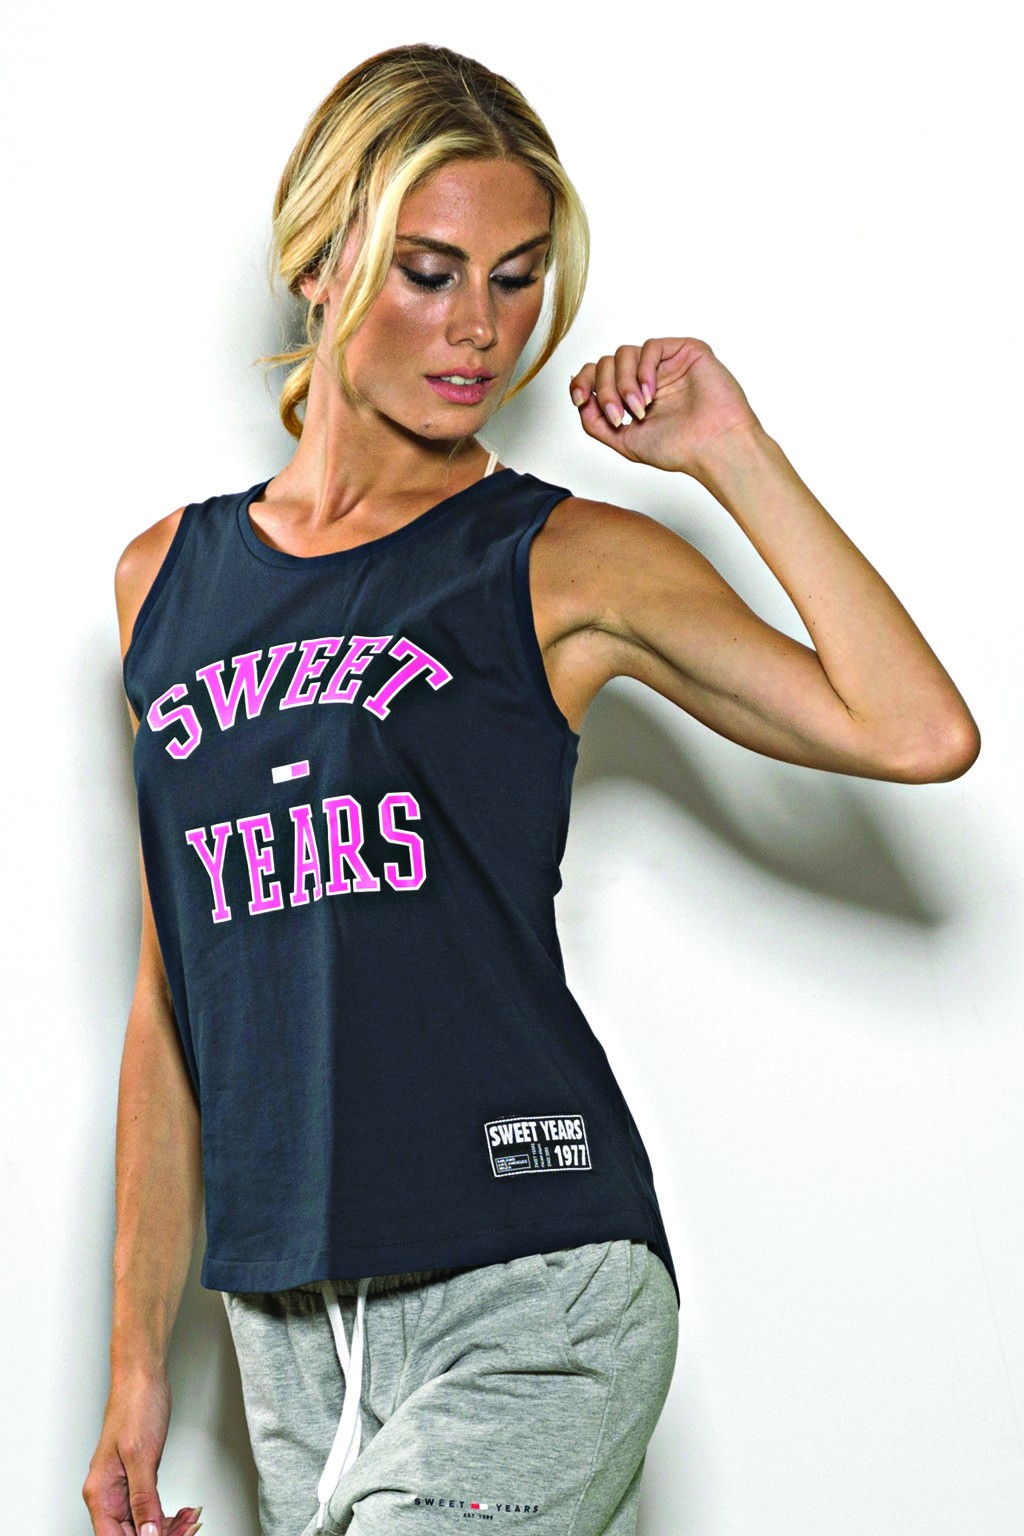 Canotta girocollo Sweet Years in cotone tinta unita con stampa del marchio centrale.